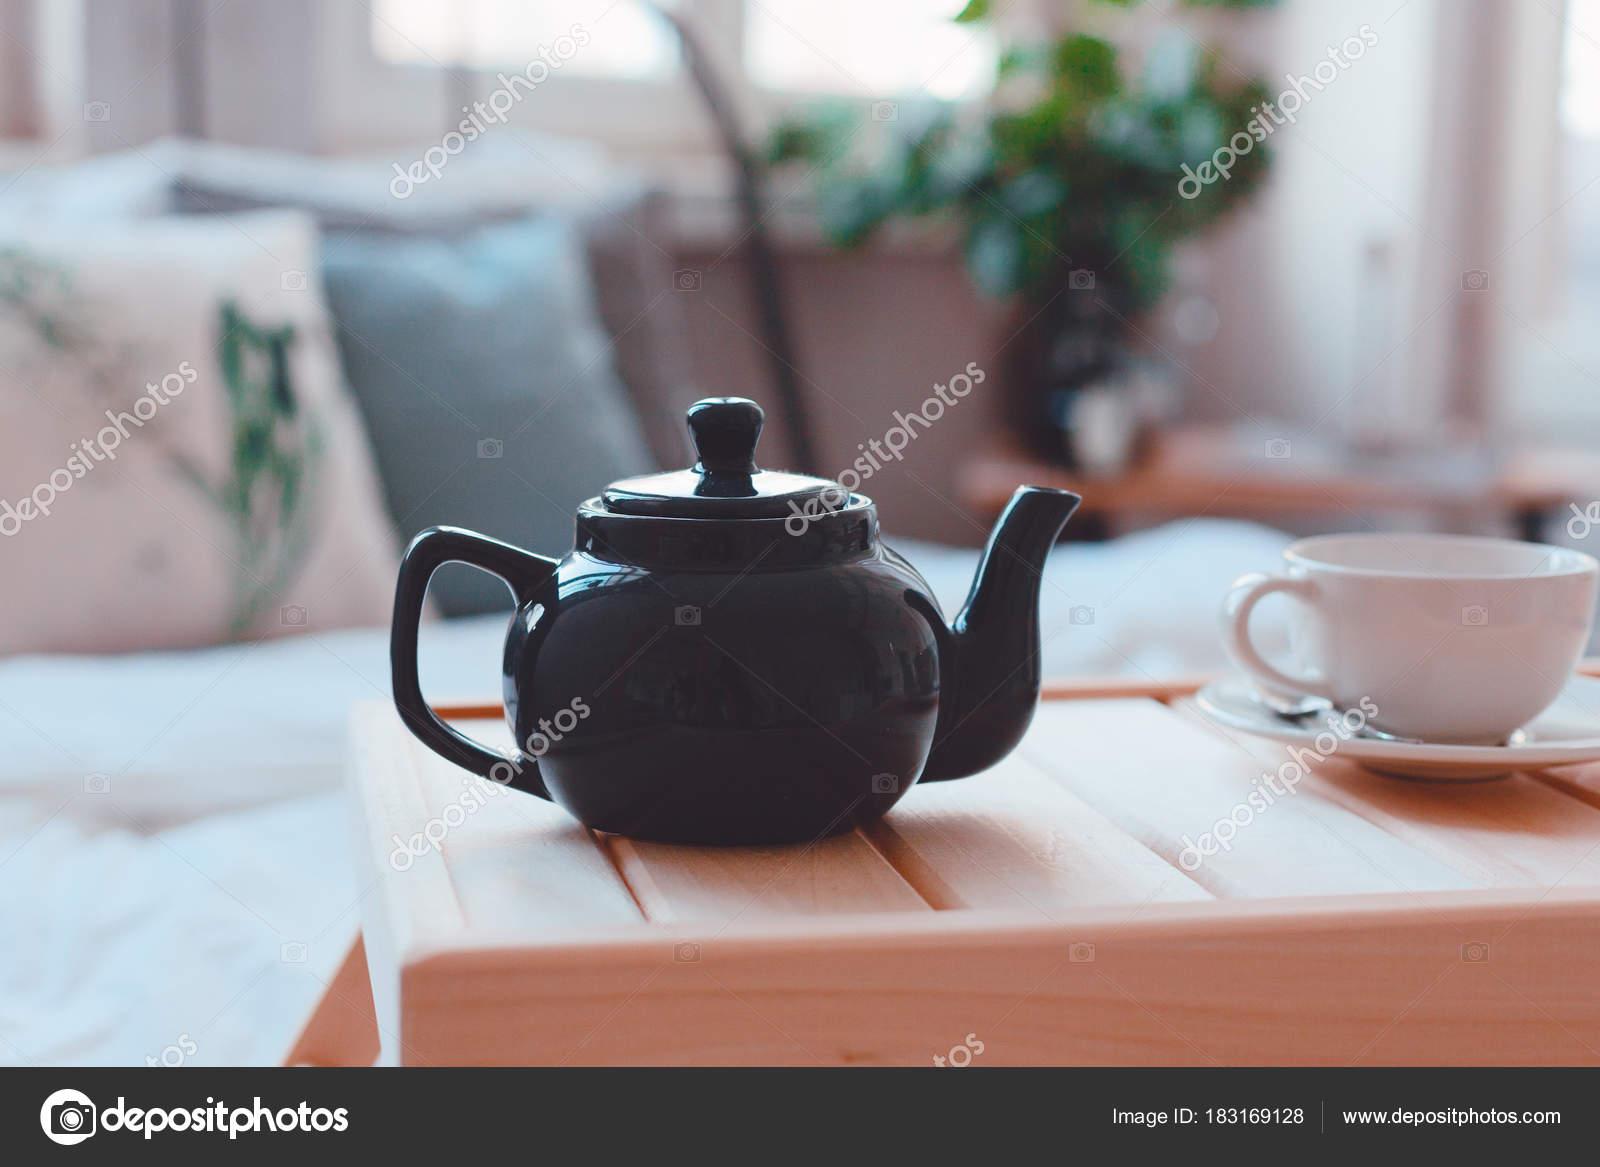 Tavoli Per Colazione A Letto : La colazione a letto teiera con tè e tazza sul tavolo u foto